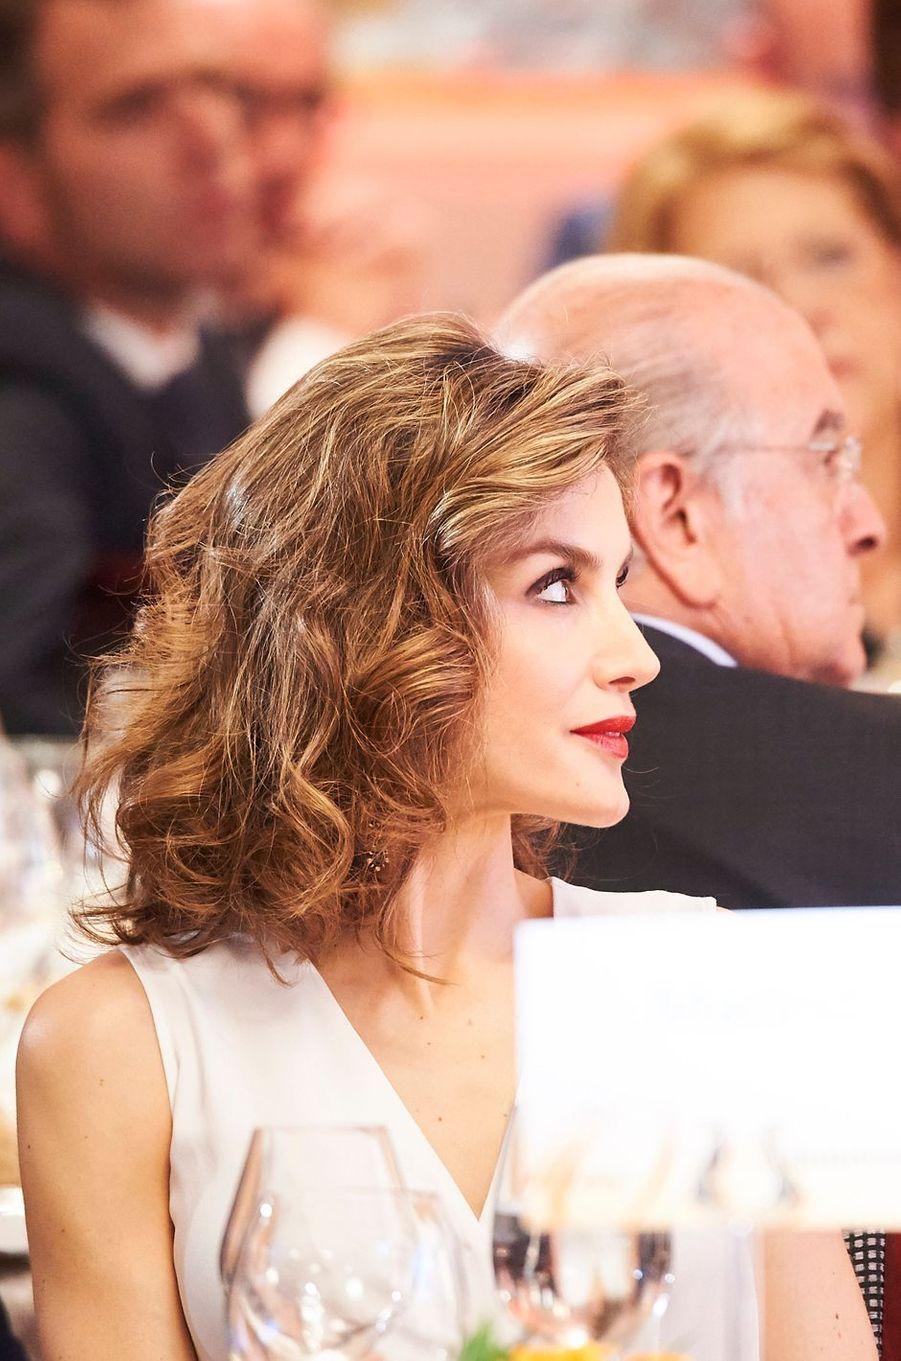 Ce mercredi 8 juin, pour présider avec son royal époux le déjeuner anniversaire d'un journal économique, la reine Letizia d'Espagne a pris soin d'assortir son rouge à lèvres à ses sandales.